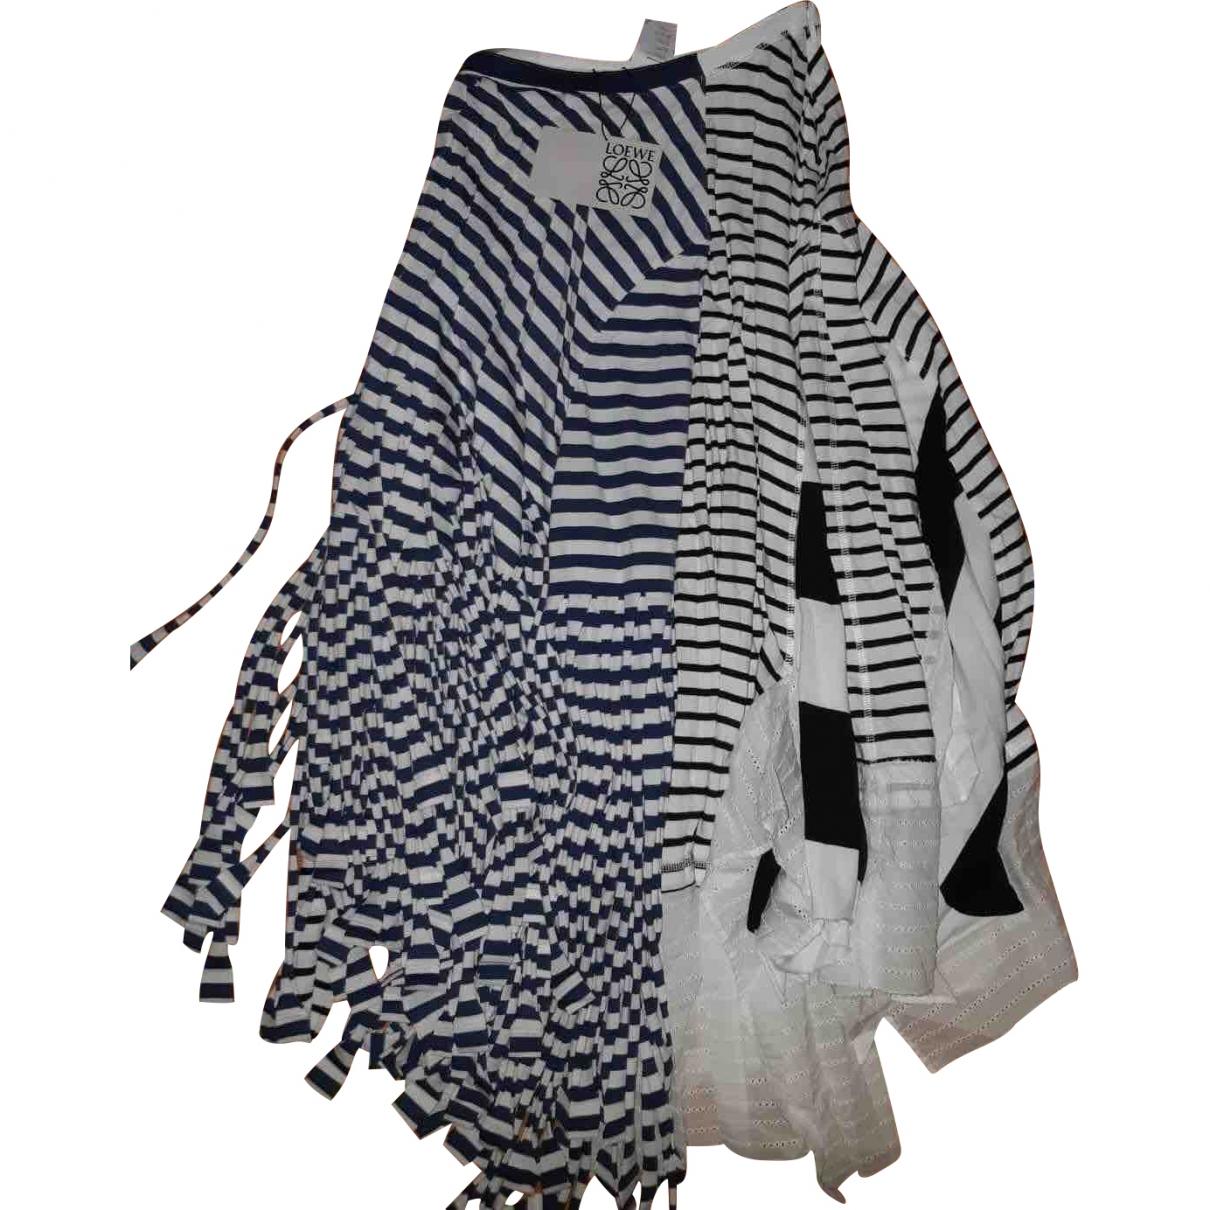 Loewe \N Multicolour Cotton skirt for Women S International